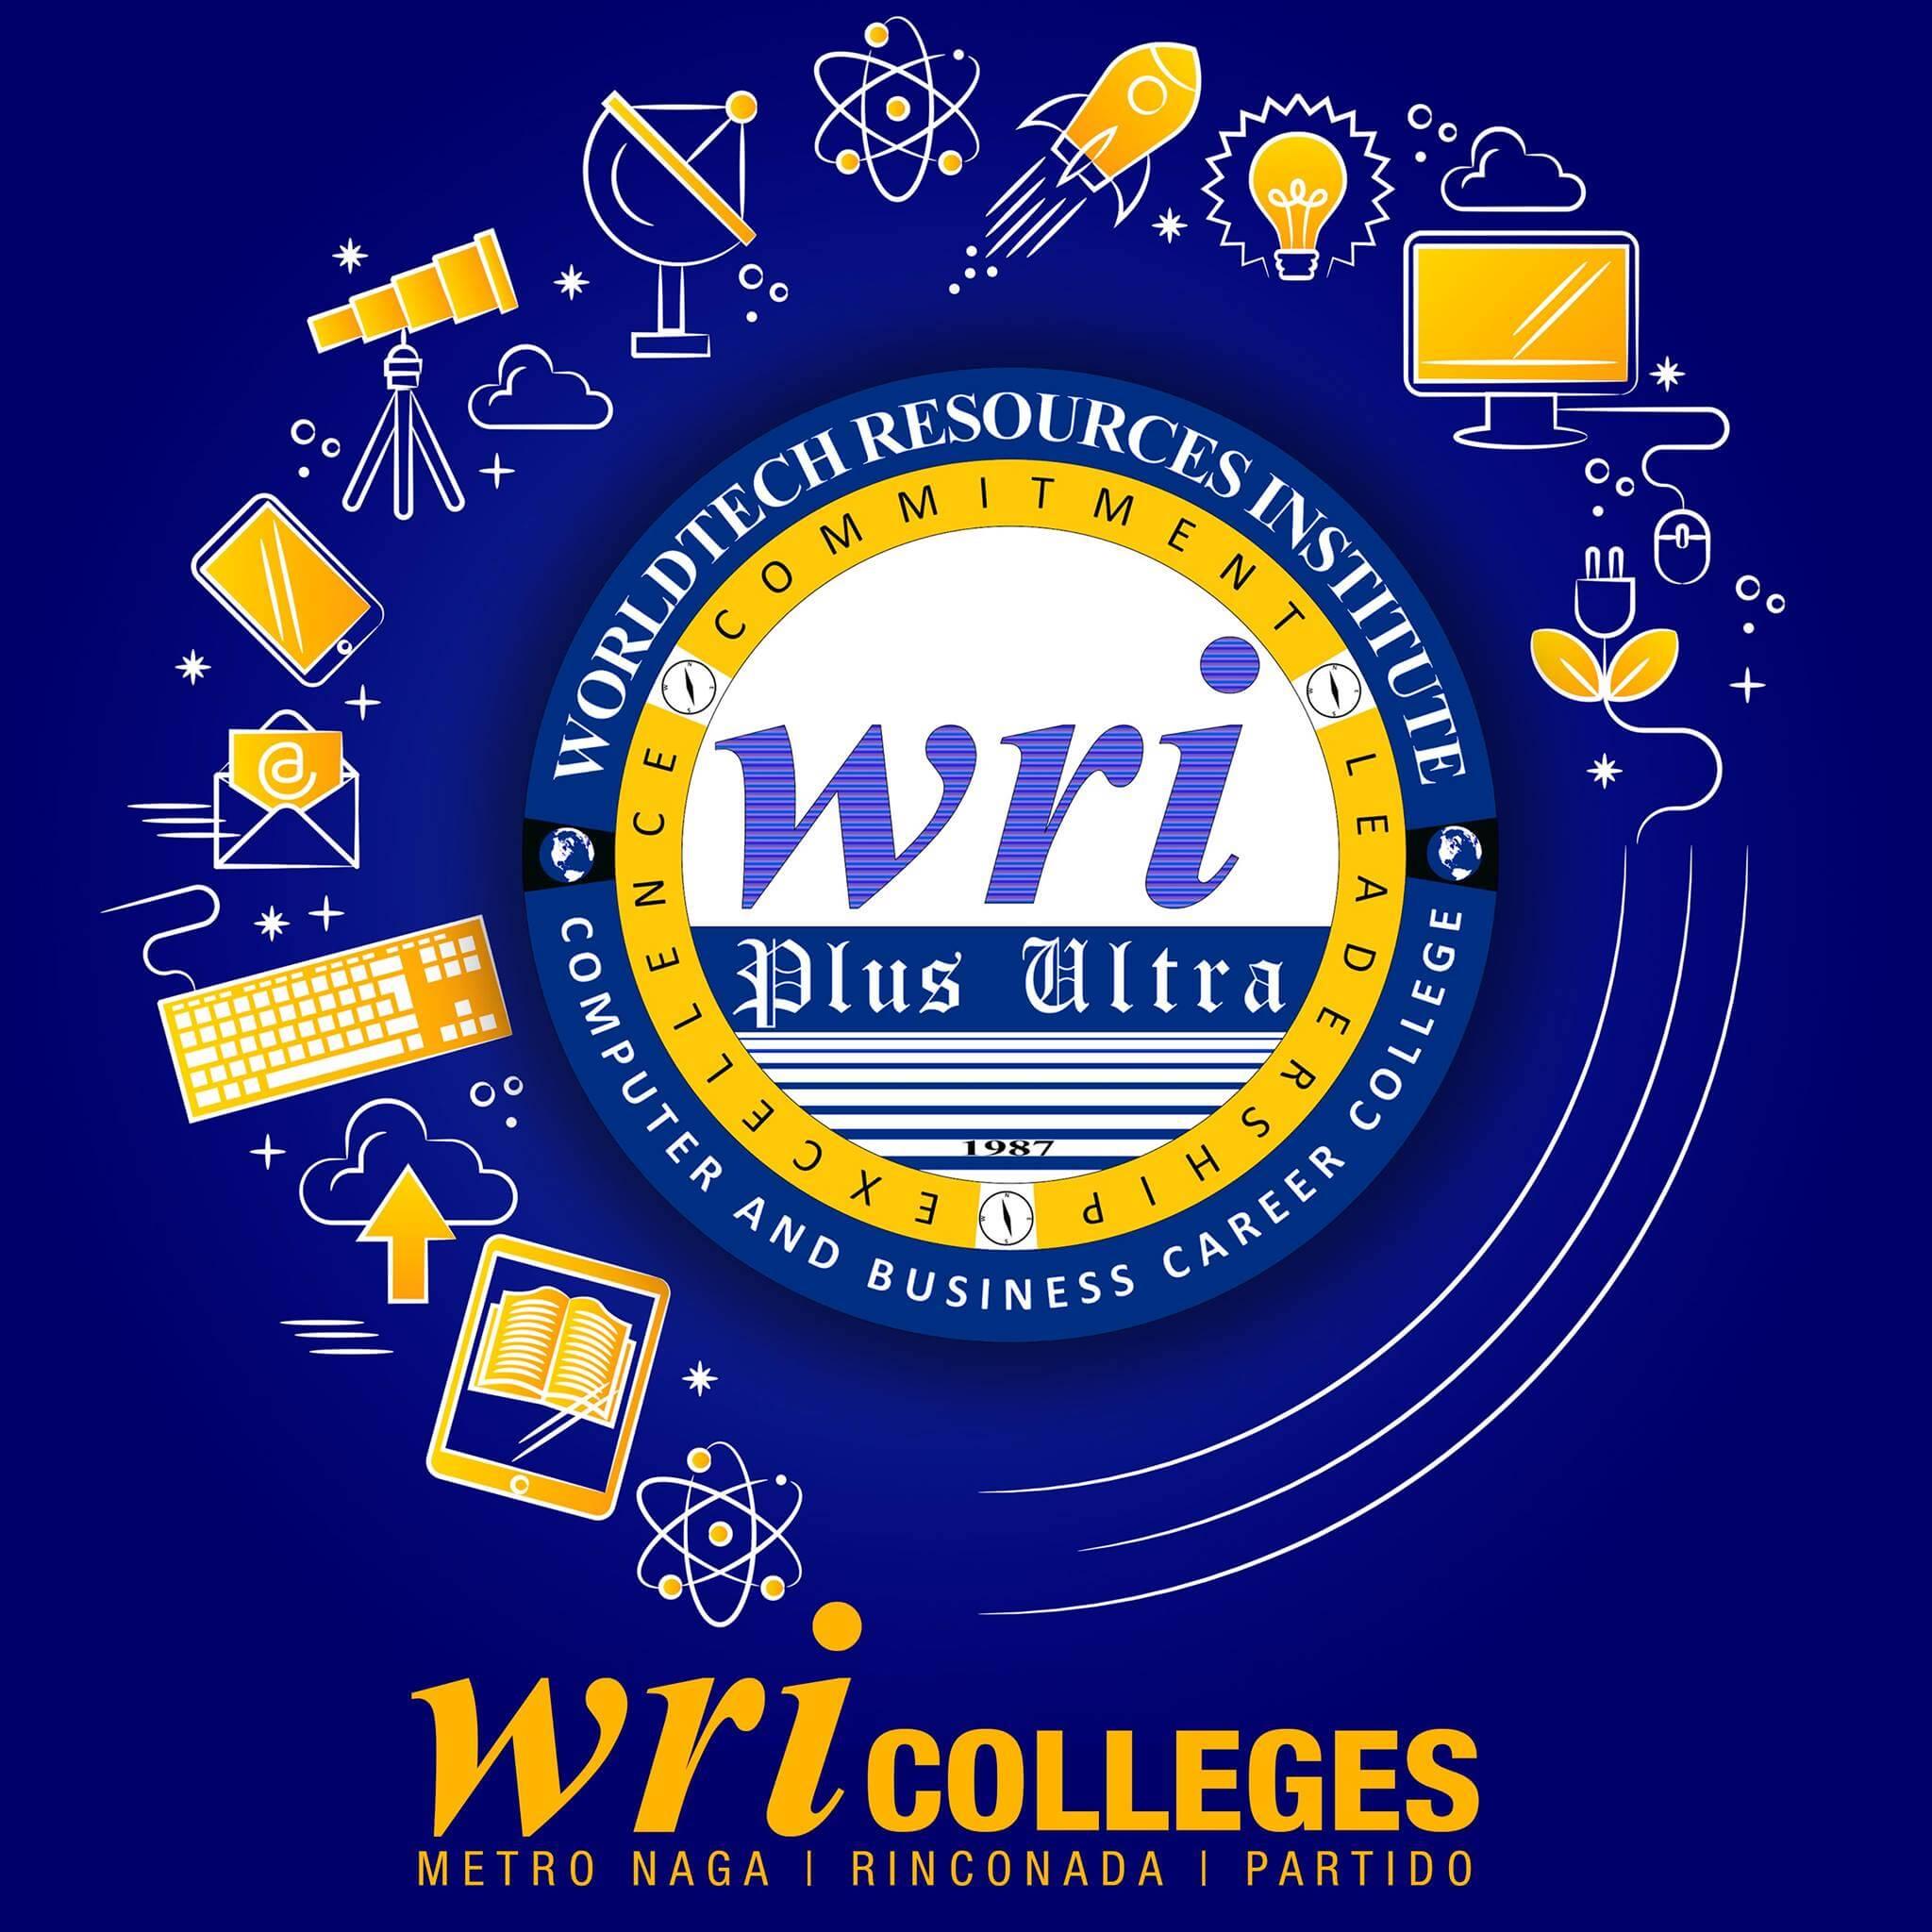 Wri computer college logo